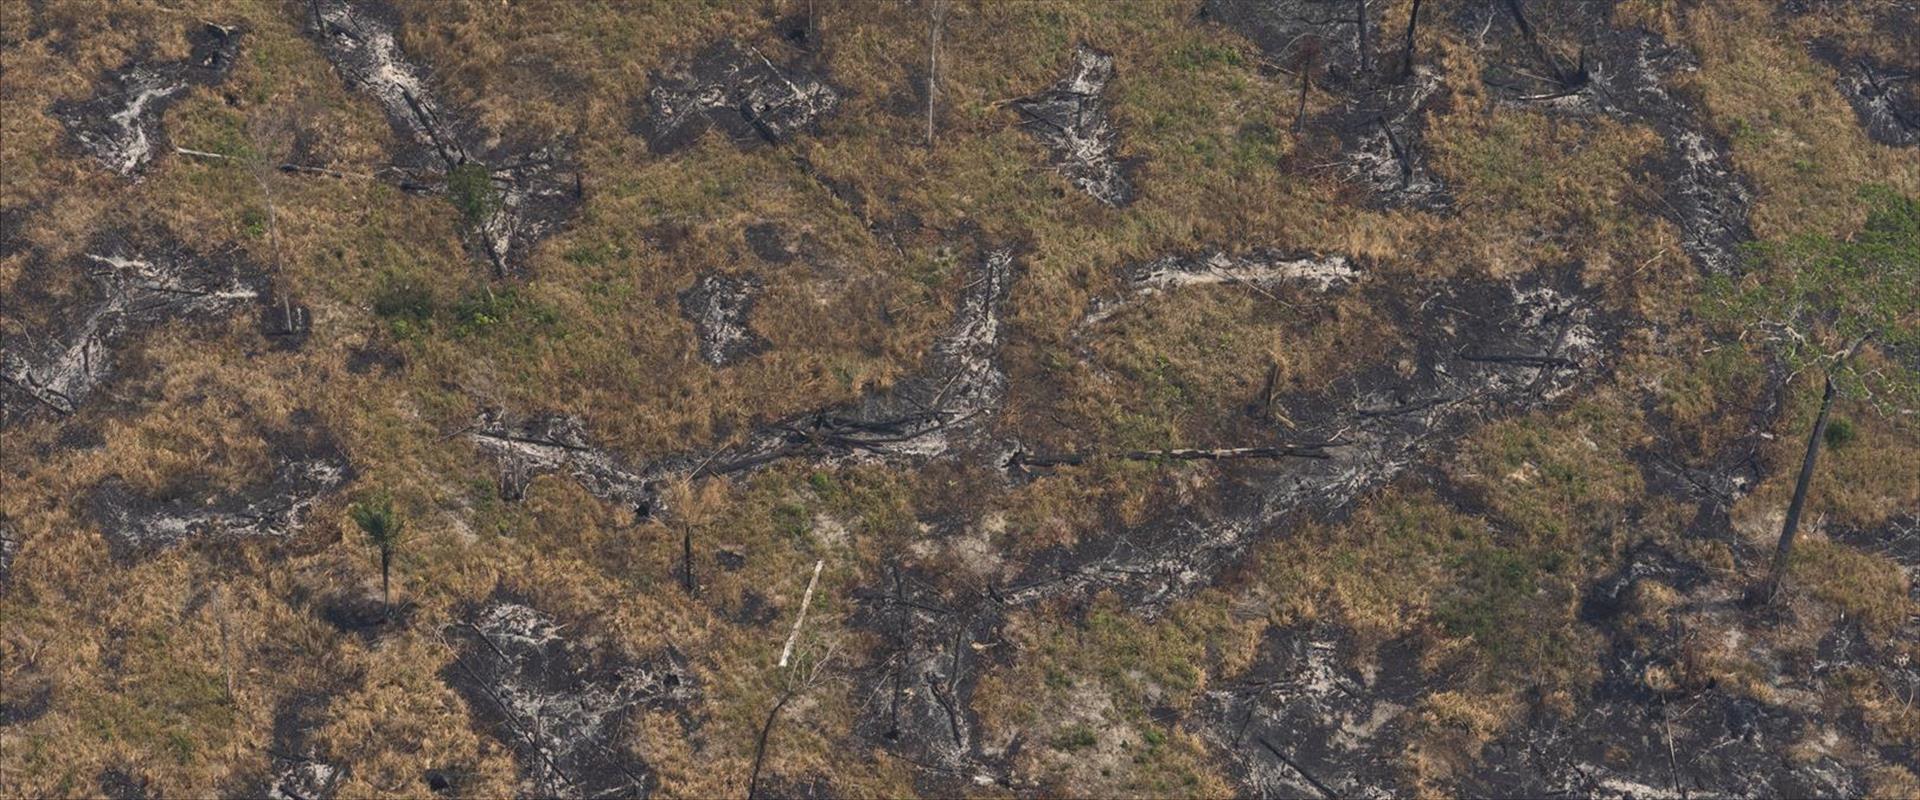 נזקי השריפות ביערות האמזונס. ברזיל, 23.8.19